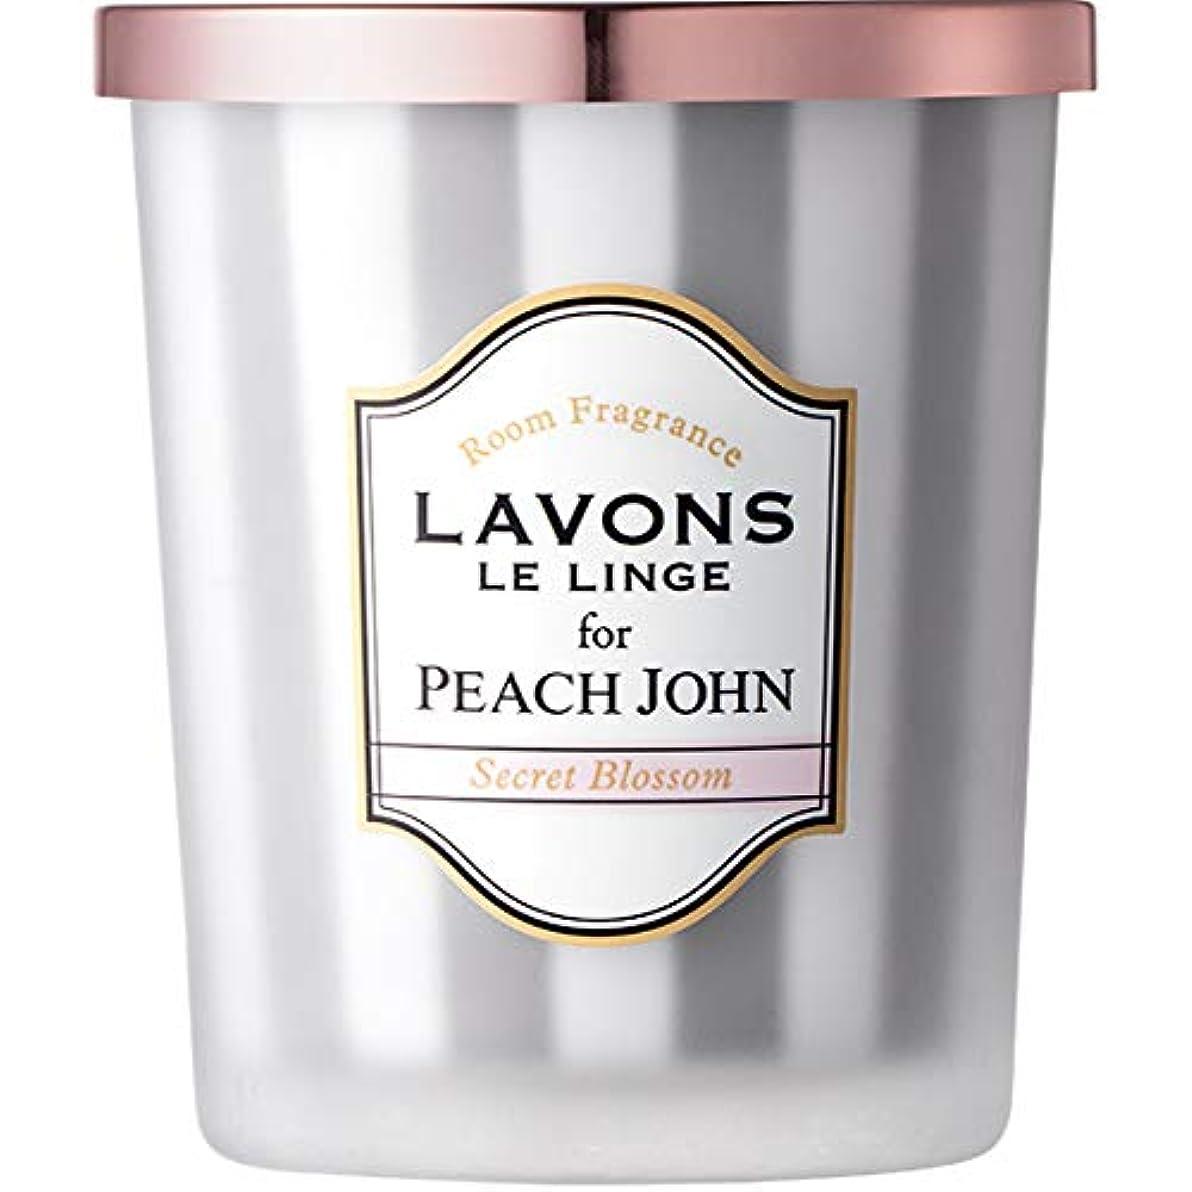 合併症不機嫌そうな住むラボン for PEACH JOHN 部屋用フレグランス シークレットブロッサムの香り 150g